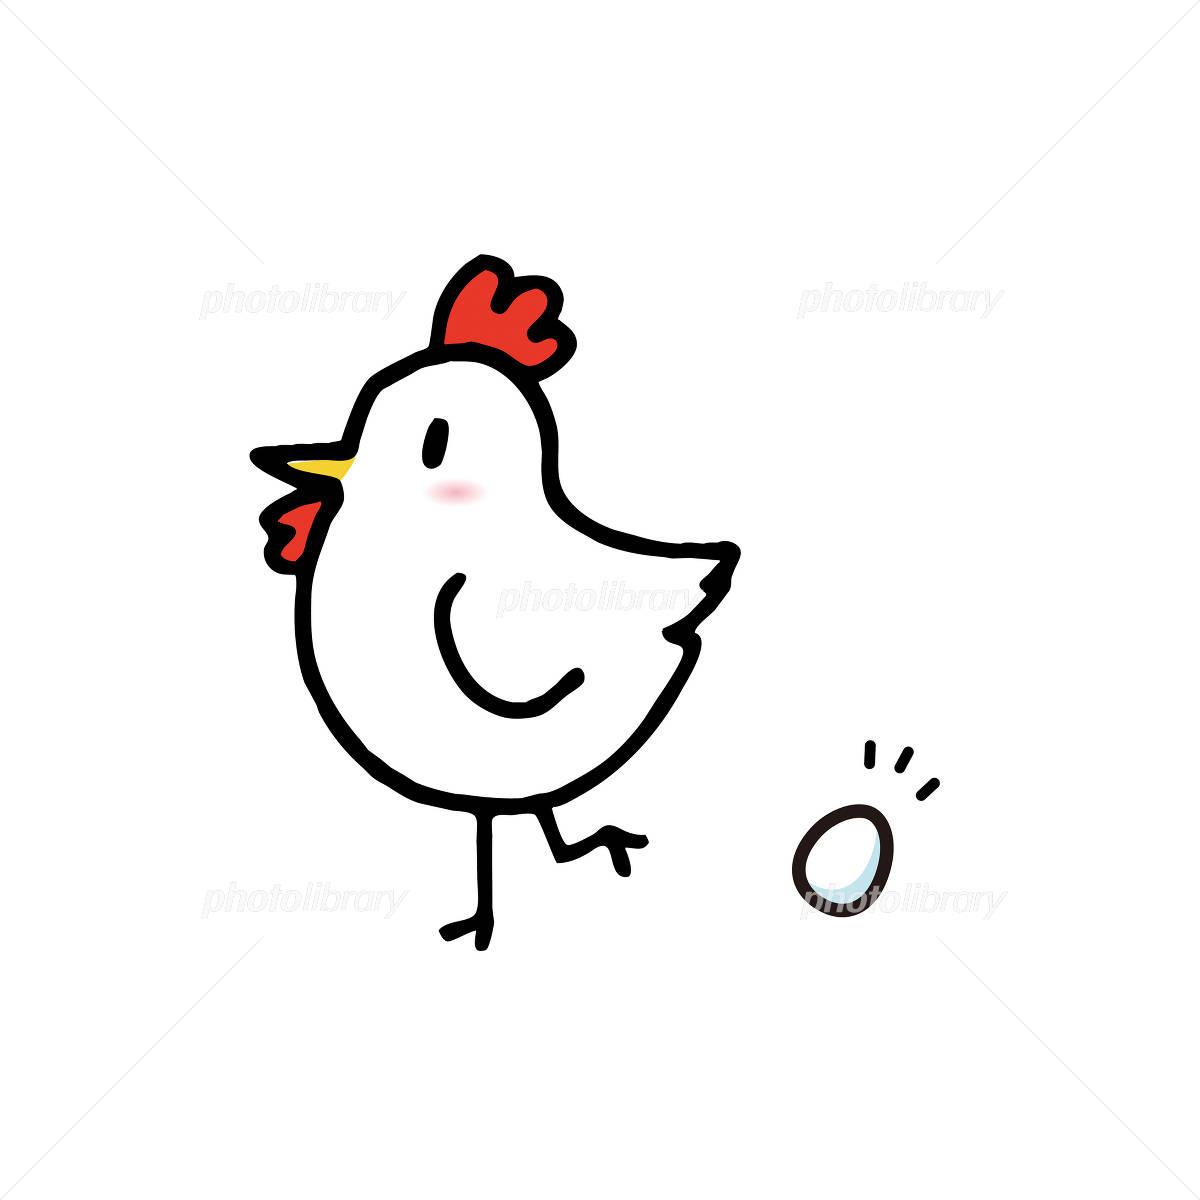 鶏と卵のイラスト イラスト素材 1580883 フォトライブラリー